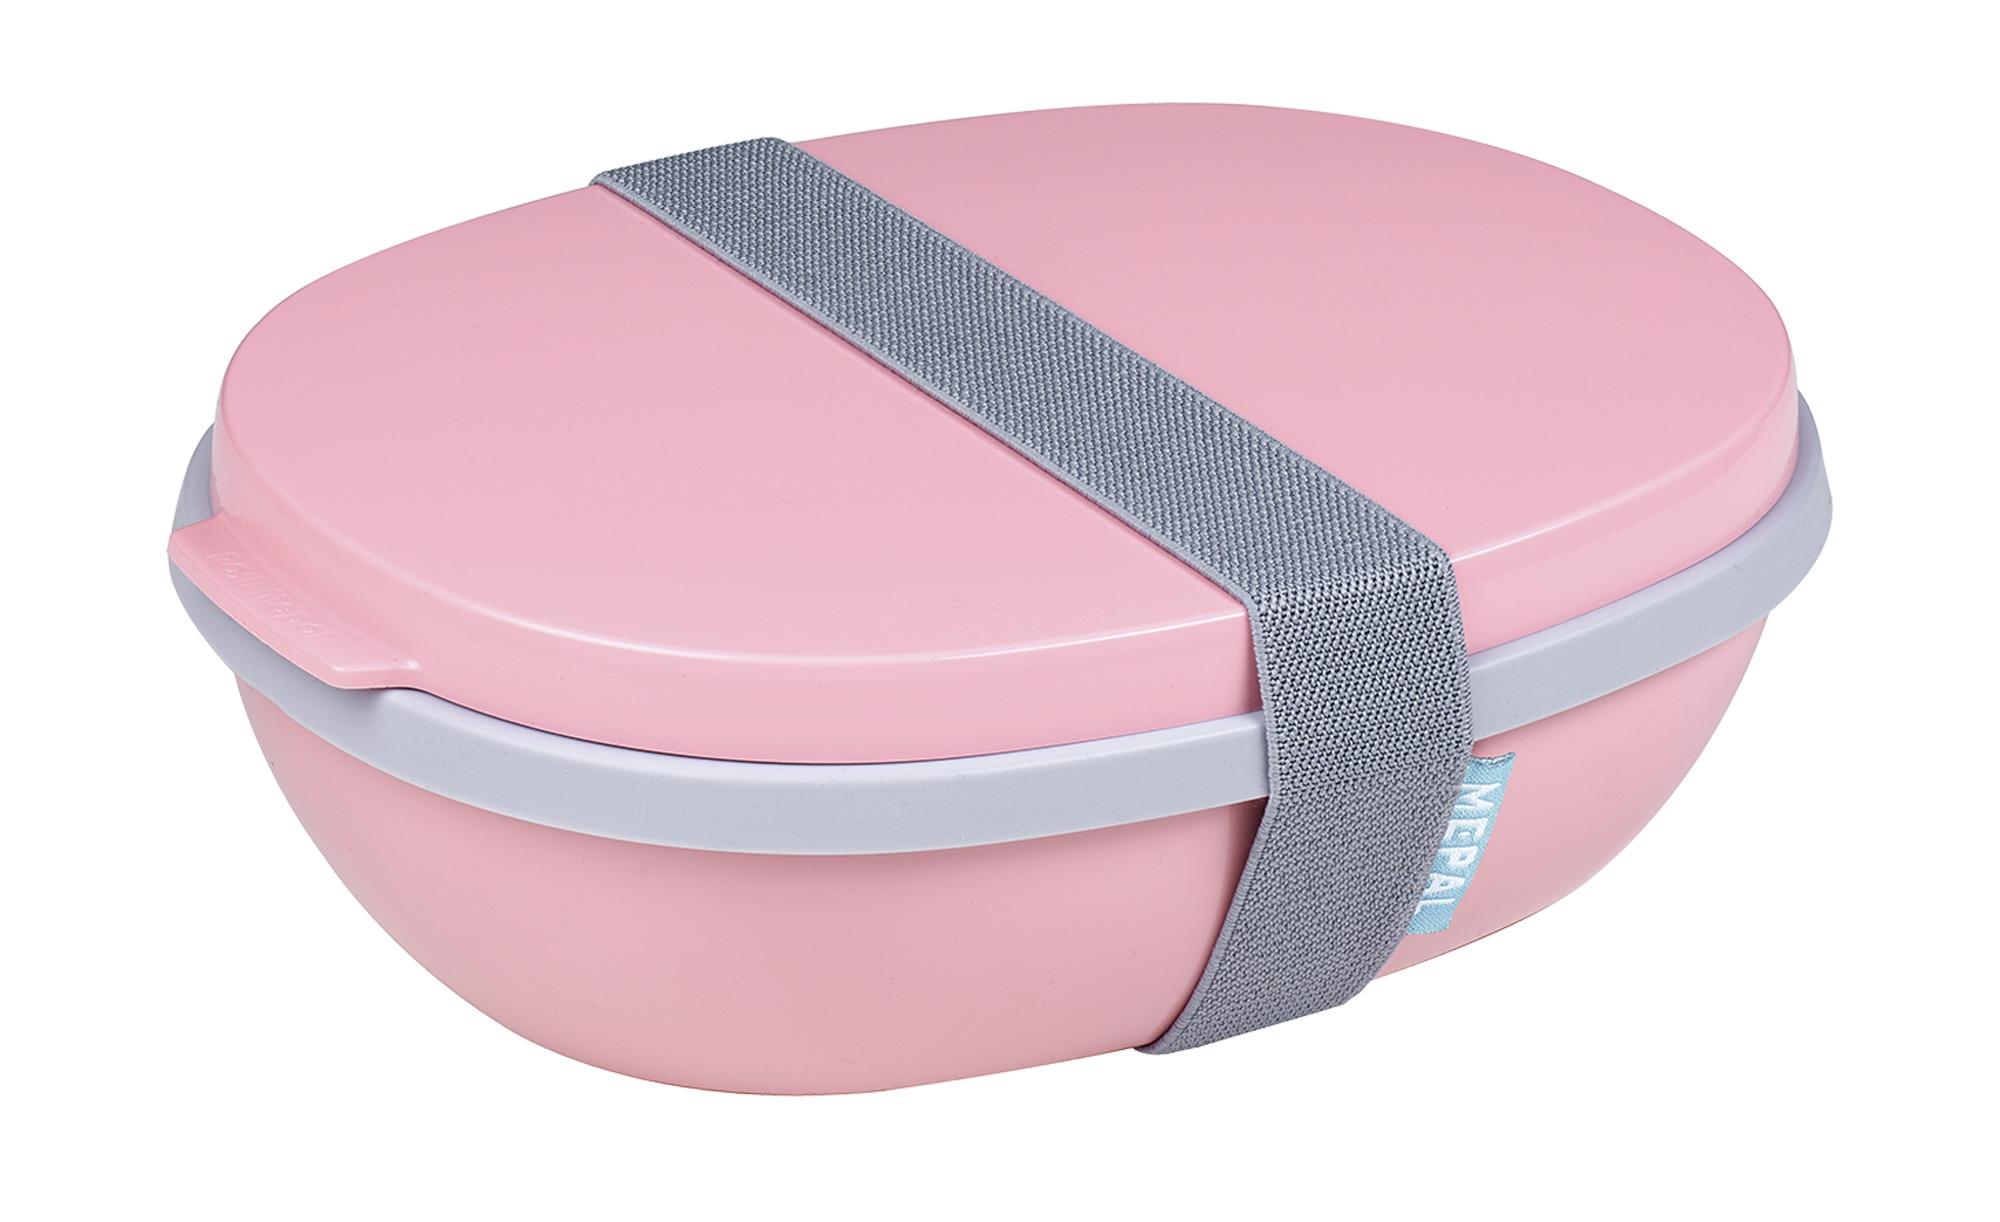 Mepal Lunchbox Duo To Go Ellipse Rosa Pink Kunststoff Masse Cm B 17 5 H 7 5 Kuchenzubehor Helfer Vorratsbehalter Hoffner Moebel Suchmaschine Ladendirekt De